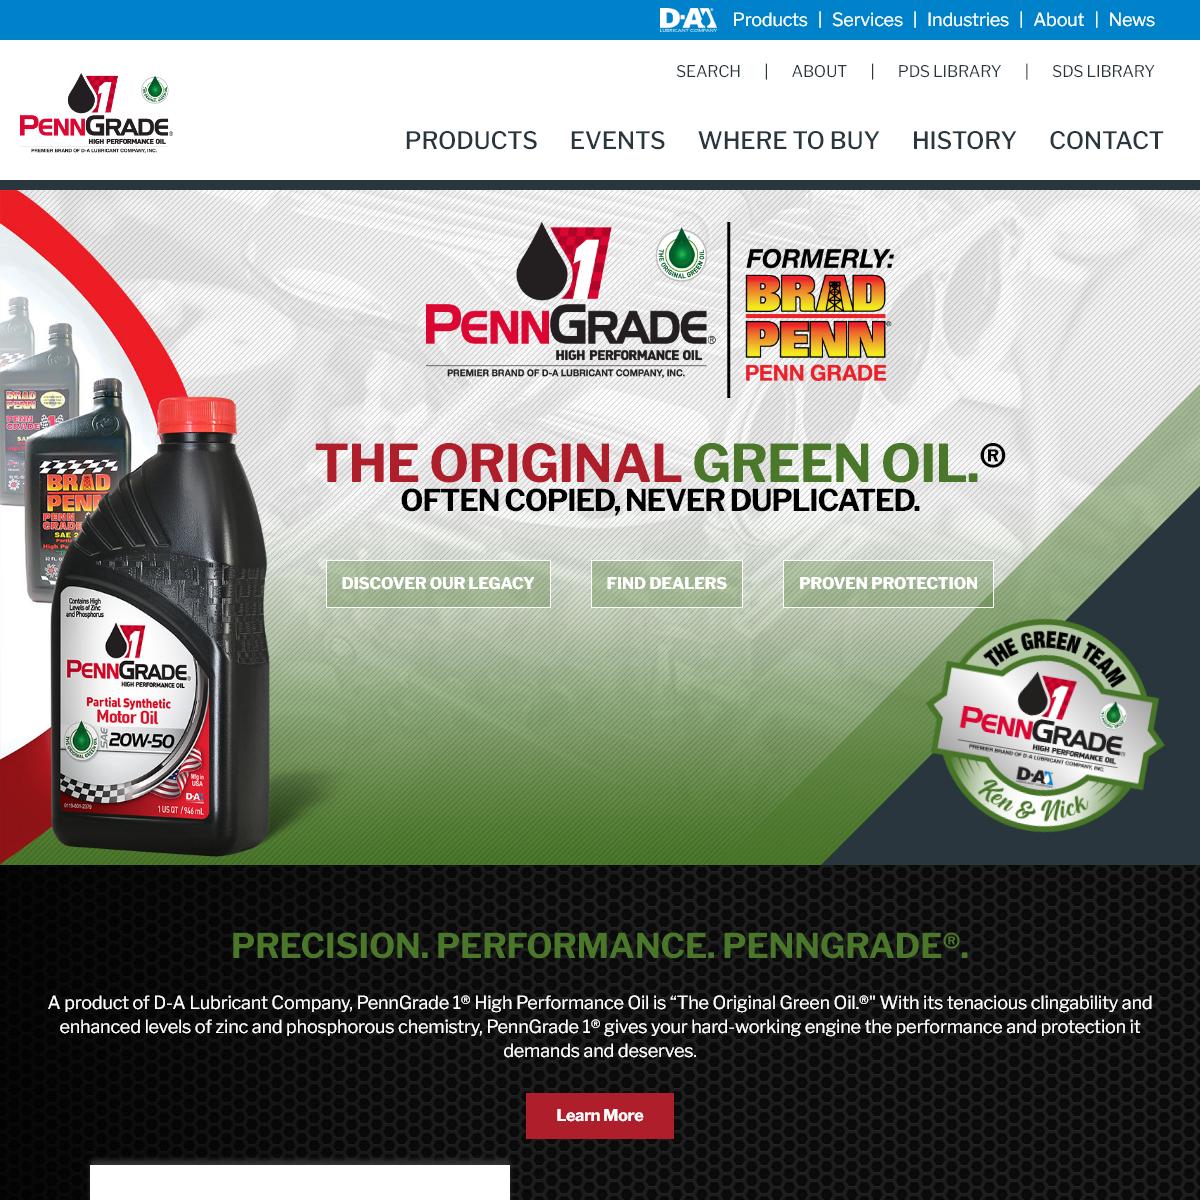 Motor Oil - Brad Penn - PennGrade 1® High Performance Motor Oil